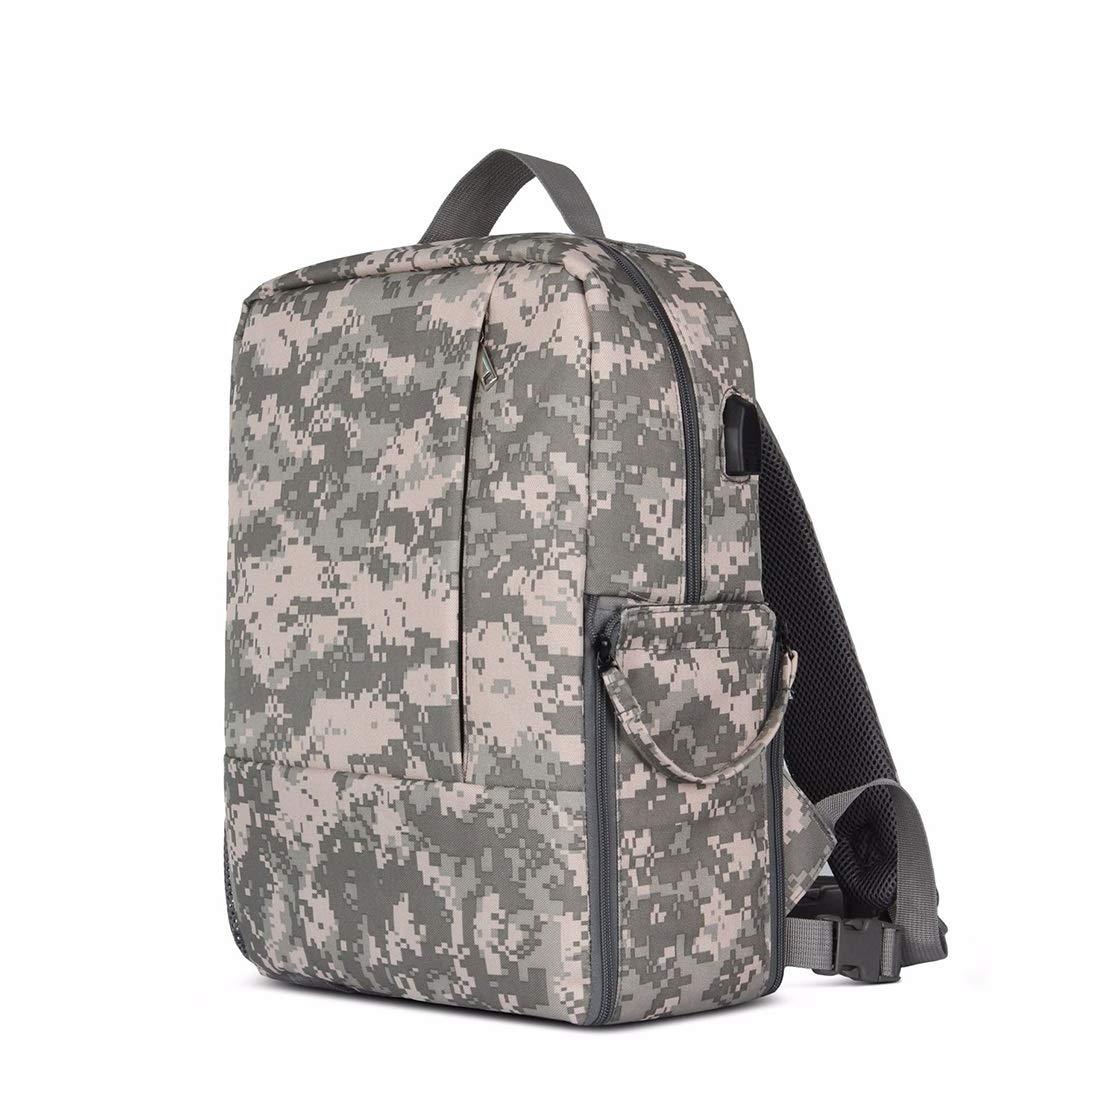 ノウ建材貿易 ショルダートラベル写真袋カジュアル一眼レフカメラバッグカメラバックパック (色 : Camouflage) B07R76PQTZ Camouflage